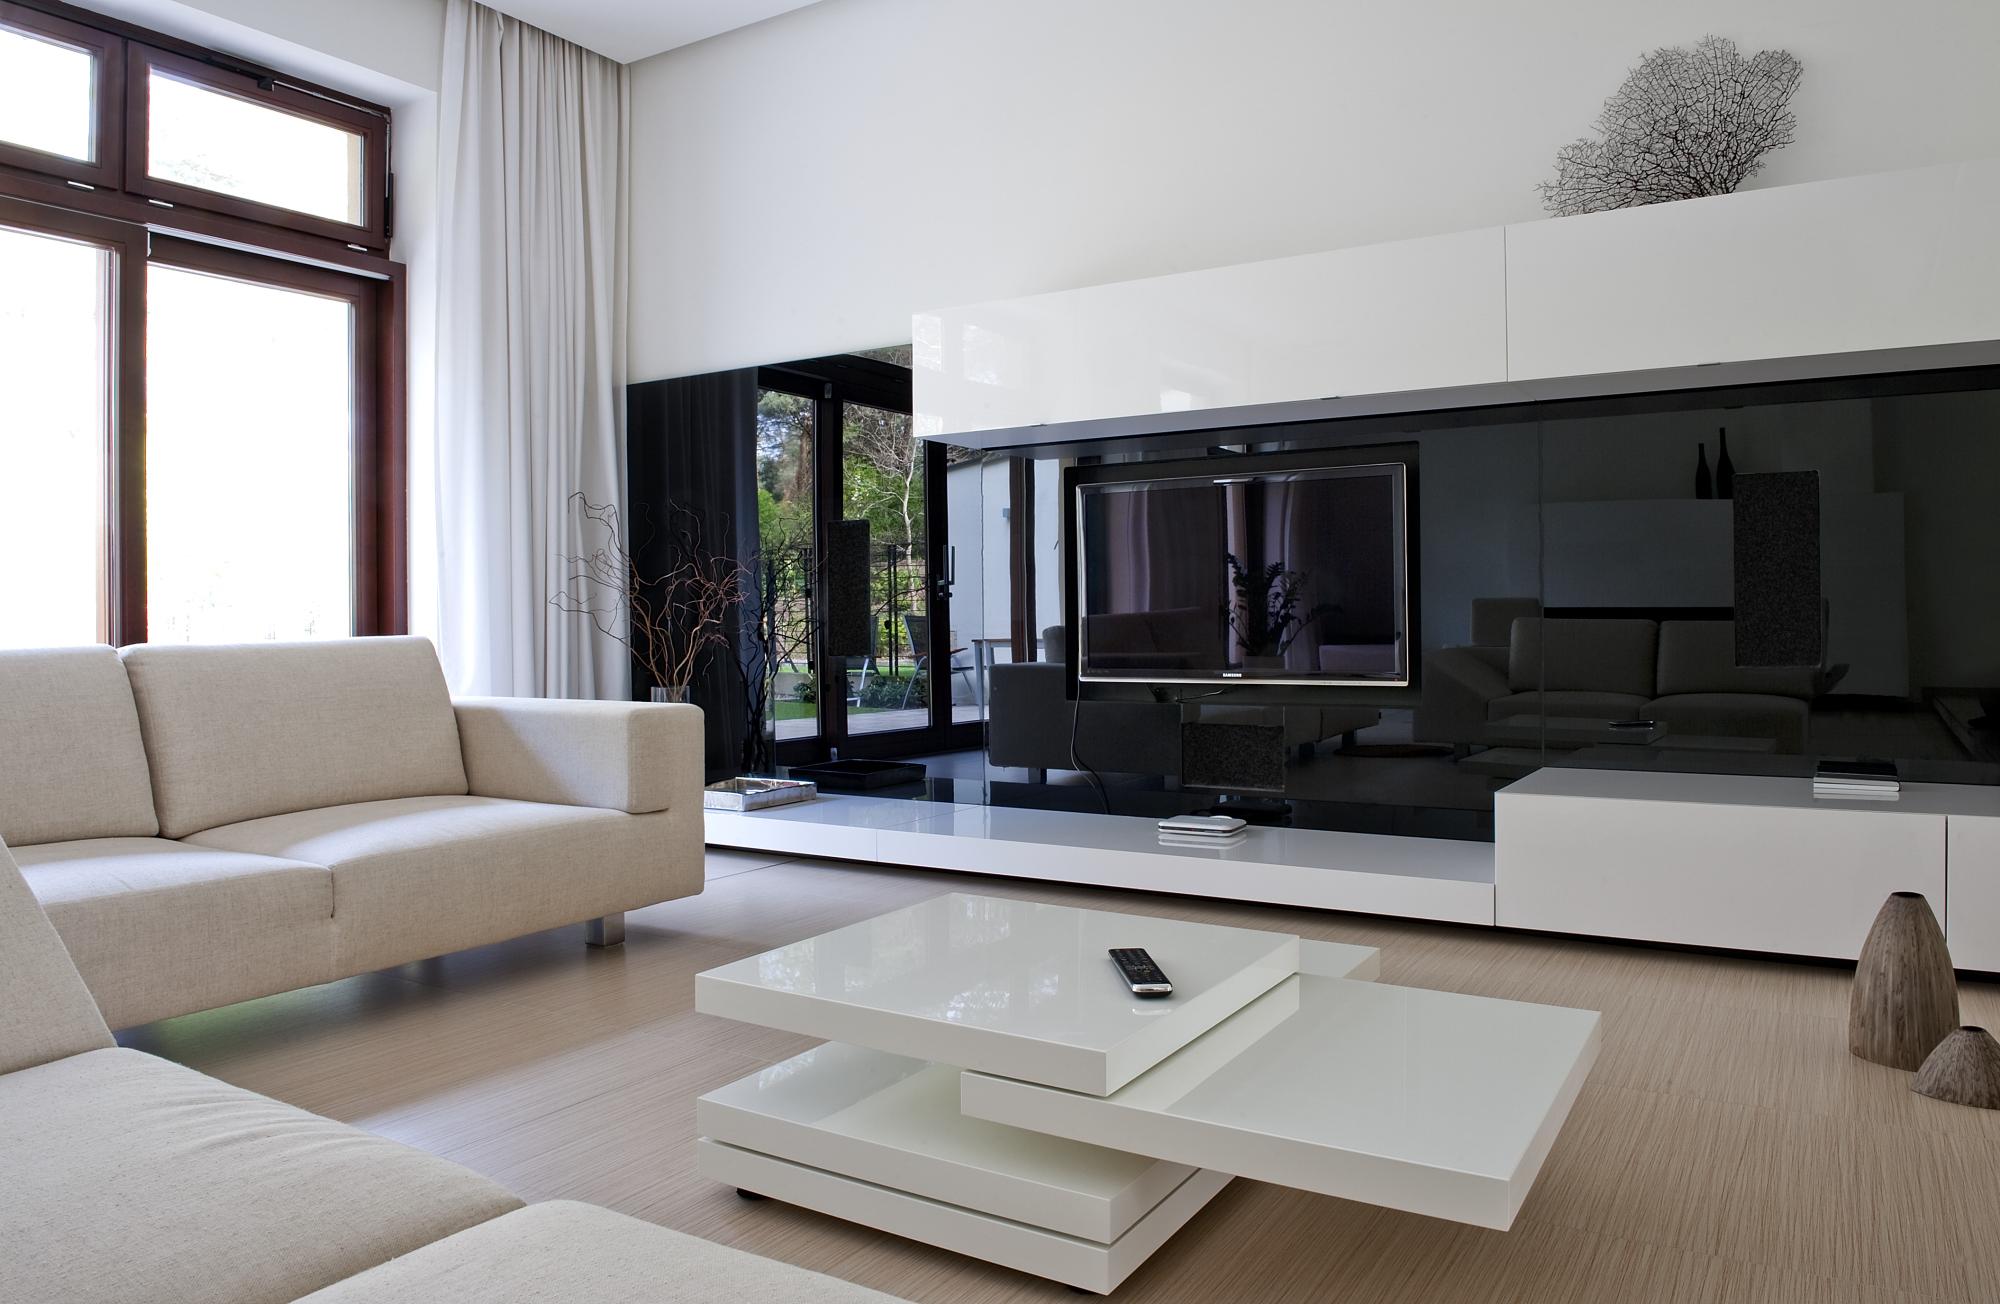 biały dom – BartekSobiecki design scenografia architektura   -> Kuchnia Gazowa Eka